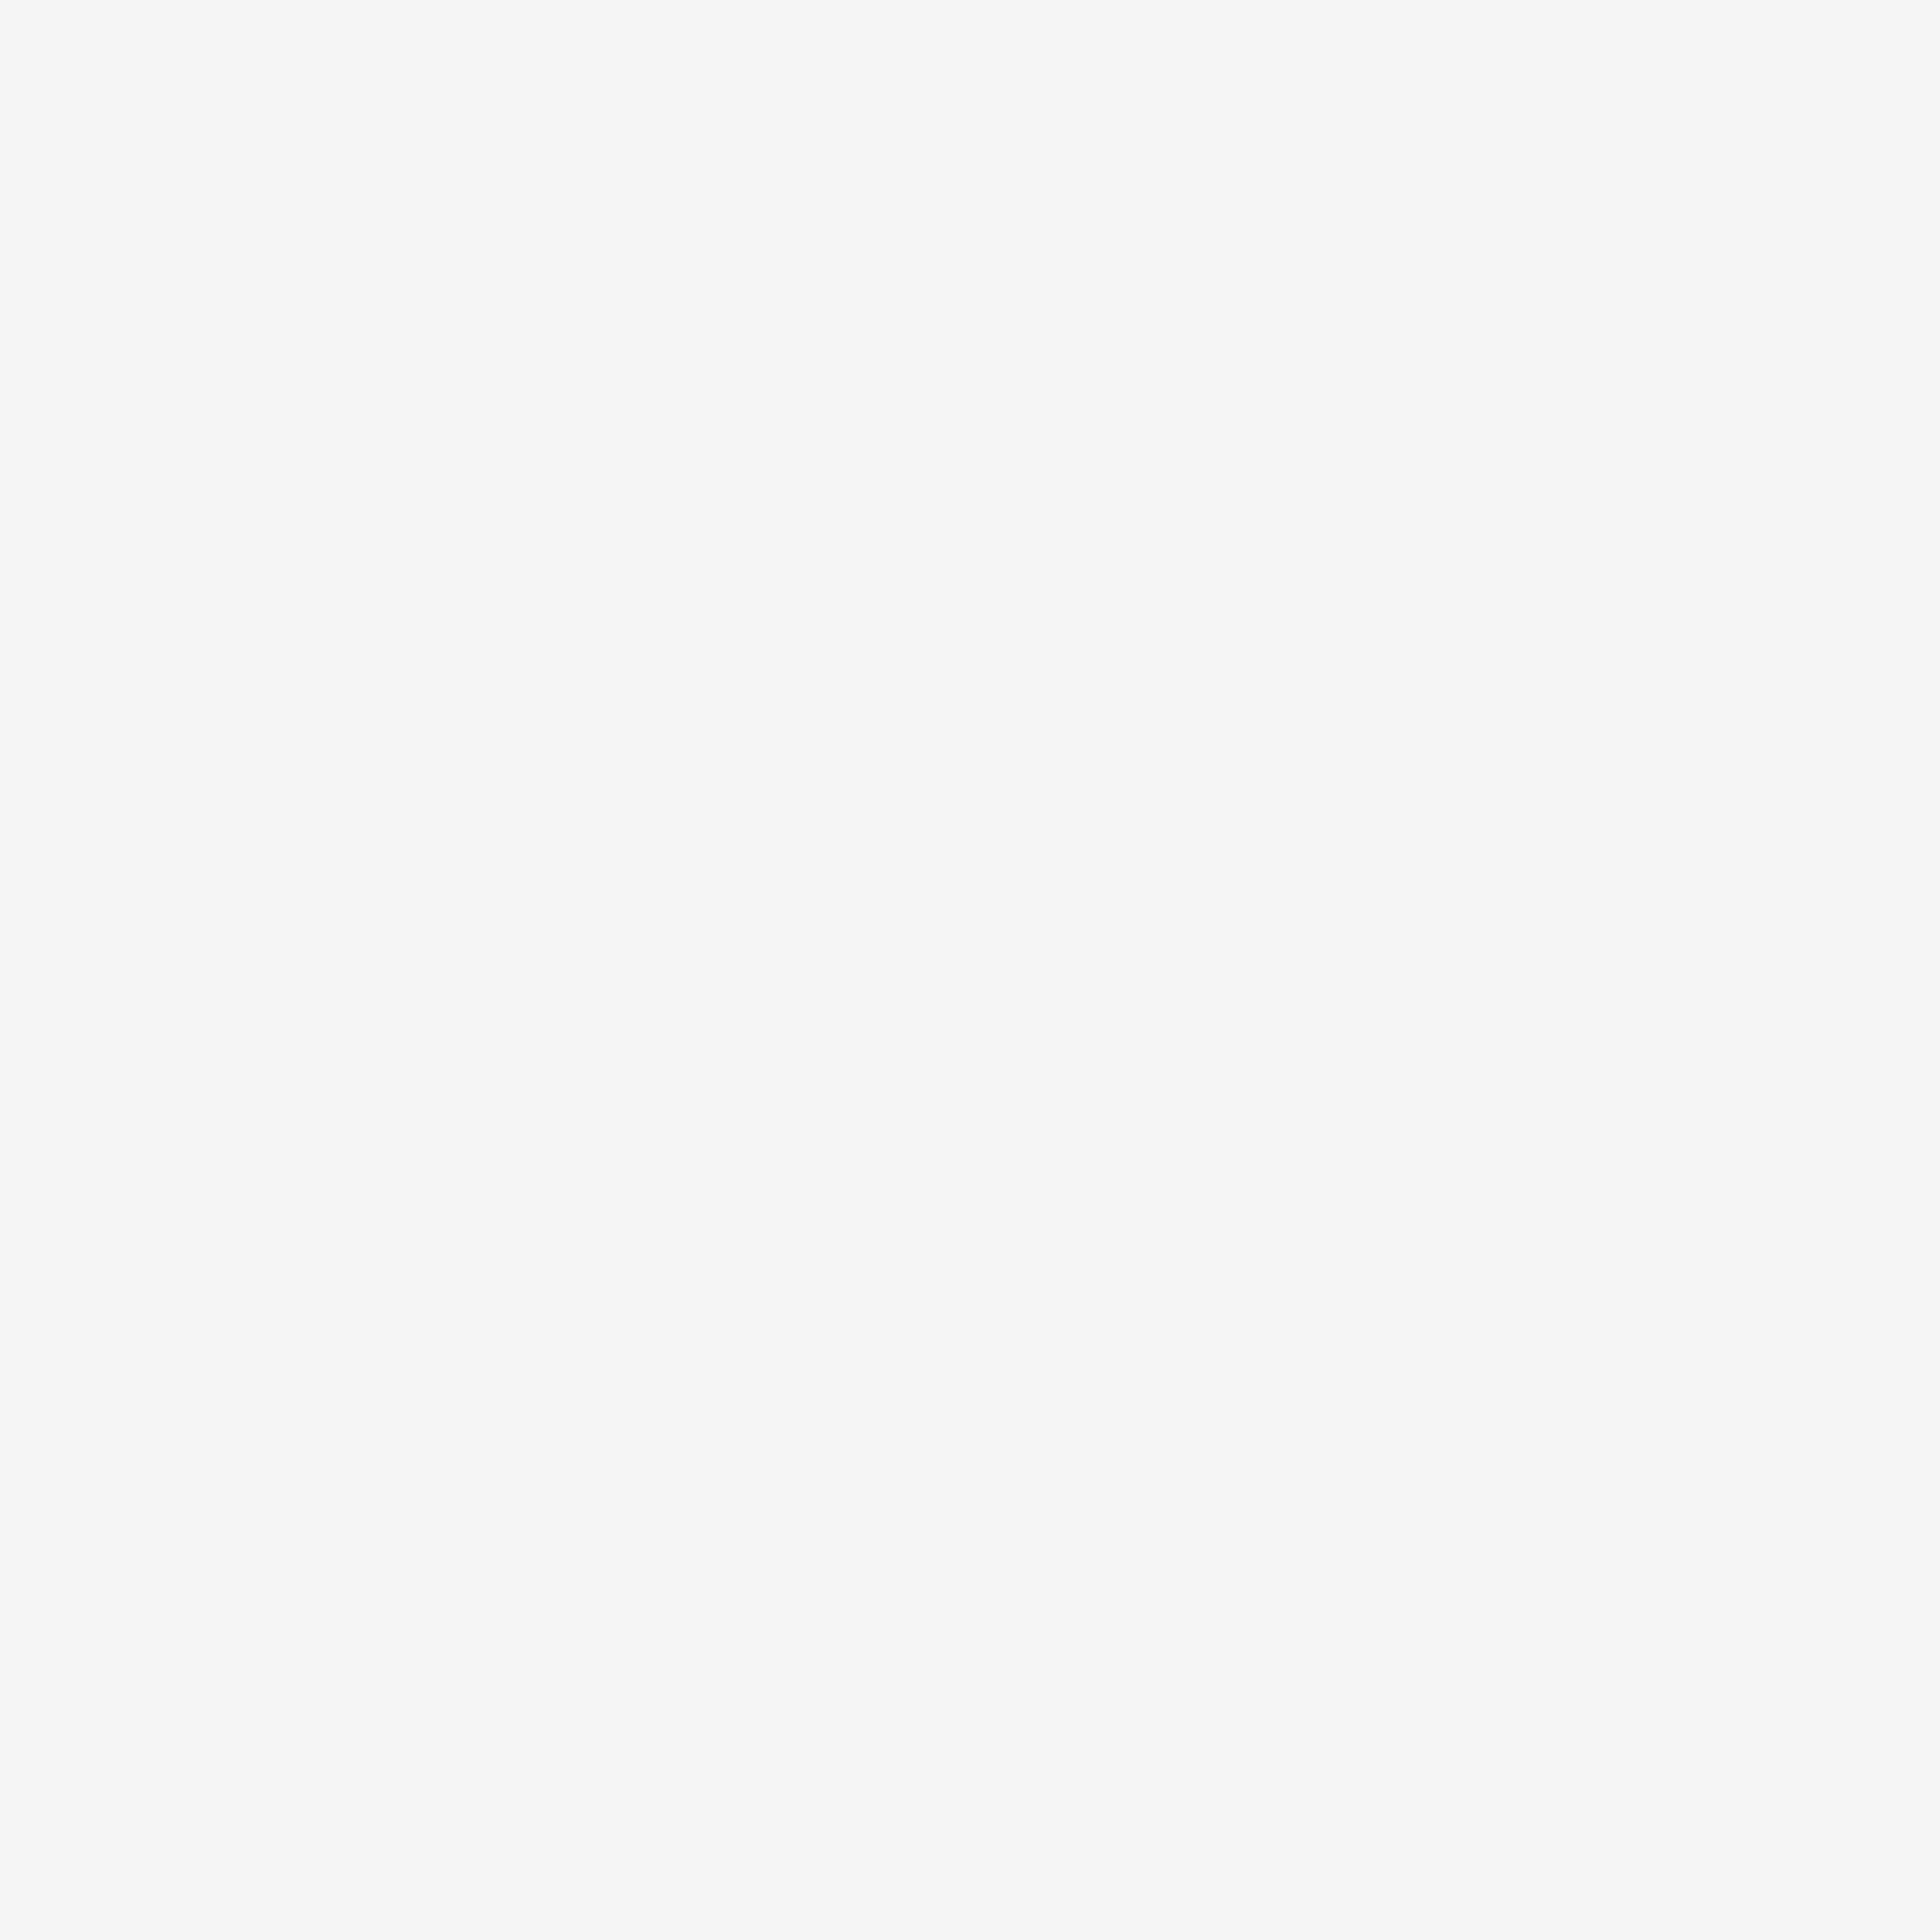 Nike Paris Saint Germain Trainingspak Junior 2019 2020 Trainingspakken Fanshop Voetbal Intersport Van Den Broek Biggelaar